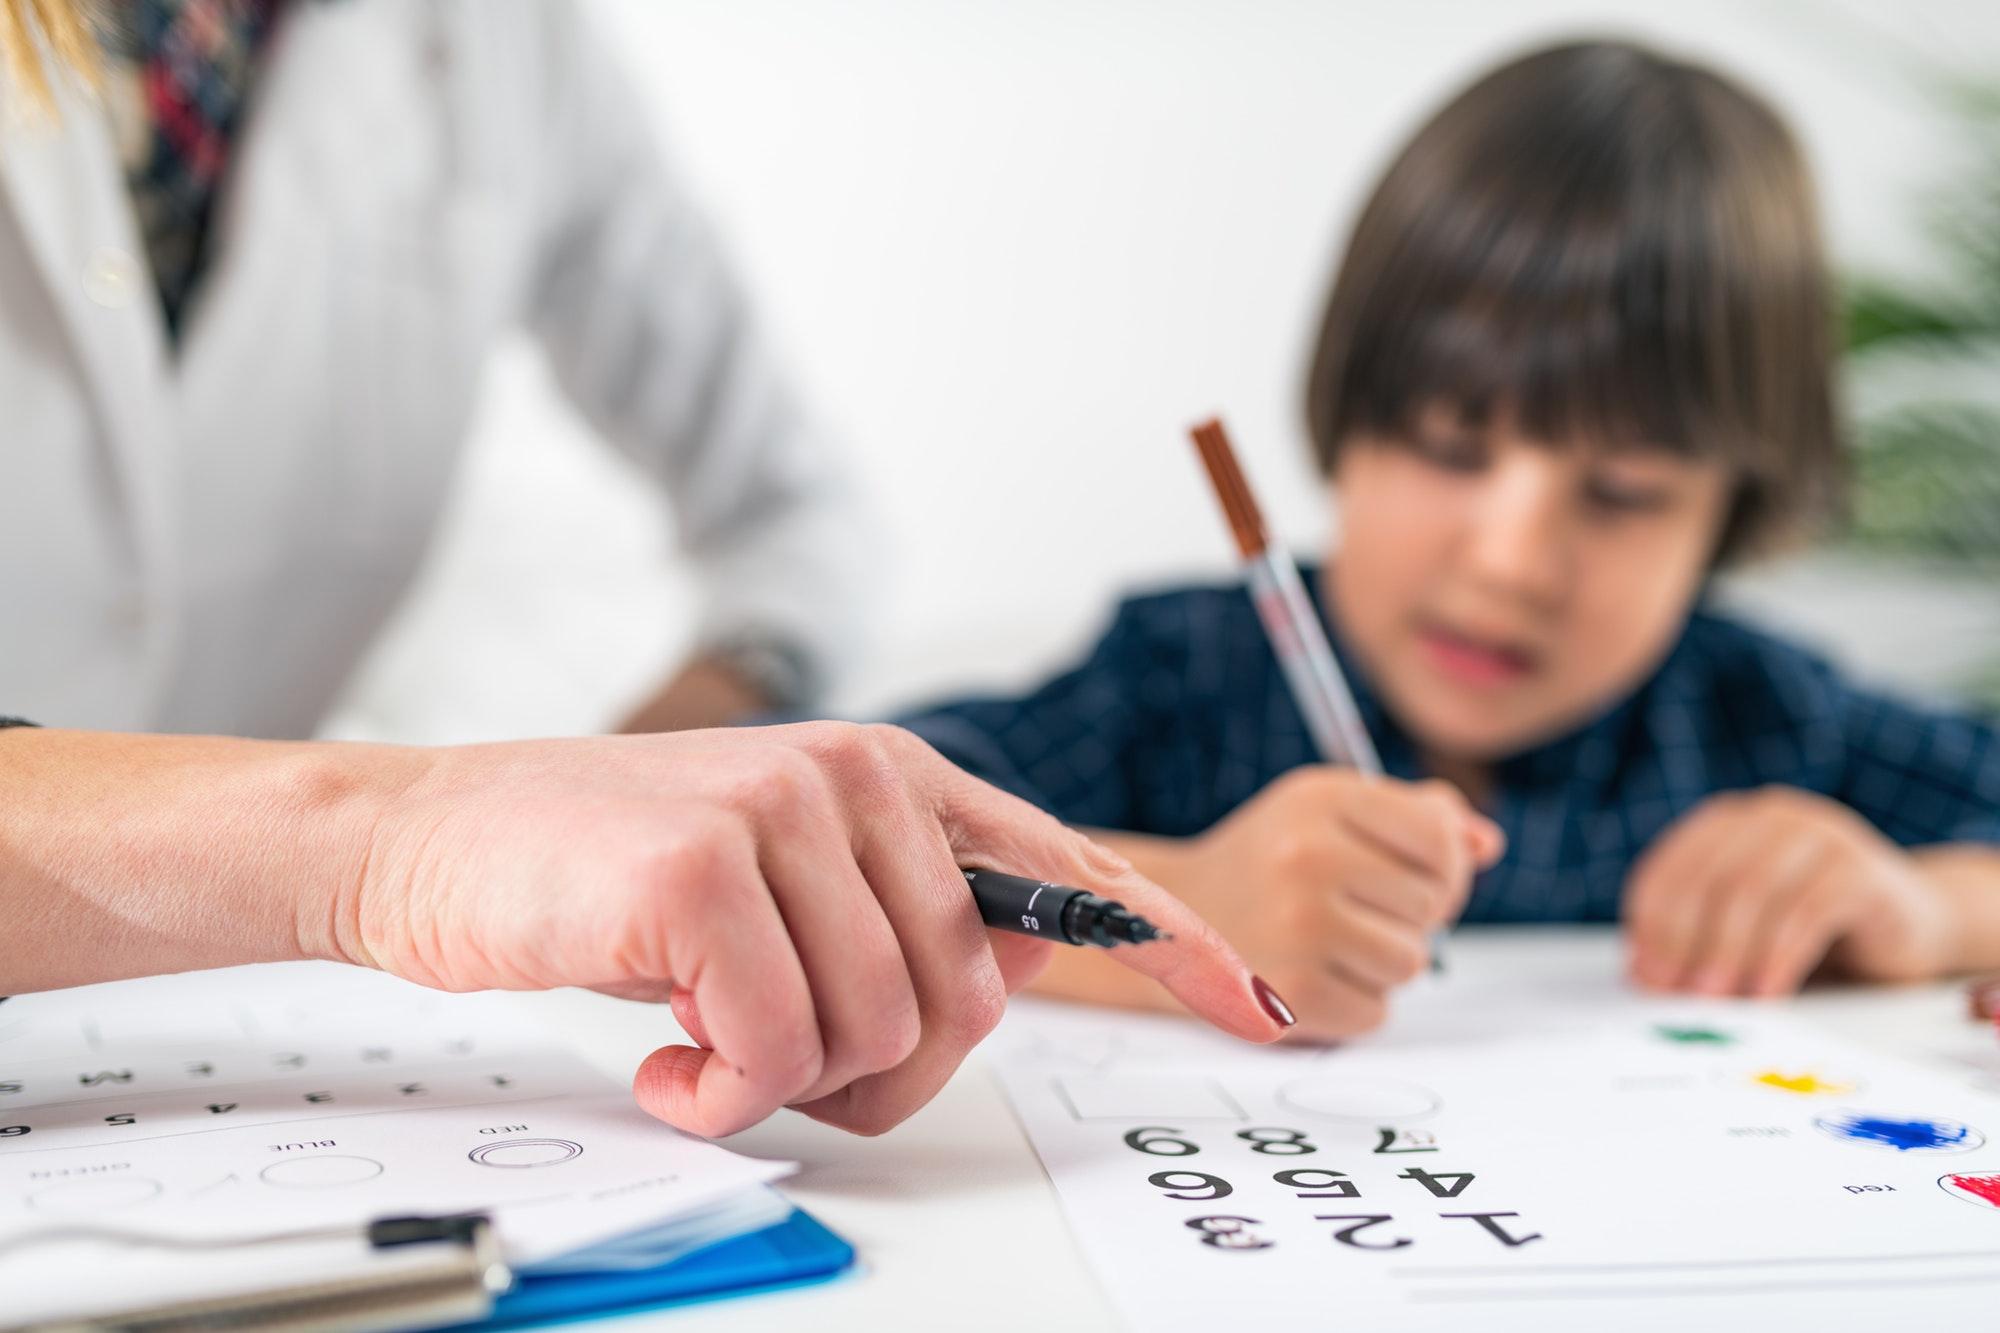 Çocuk Yetiştirmede 11 Altın Kural